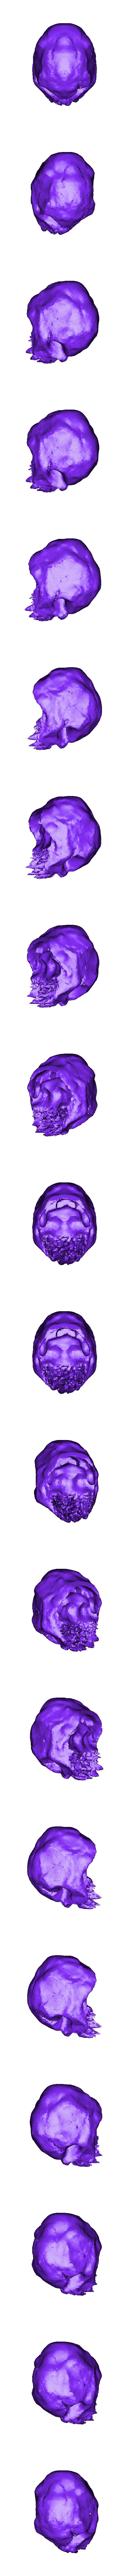 Spectral_3DPRINT-Skull.stl Download STL file Skull Spectral 3D Stl • 3D print object, manueldx95